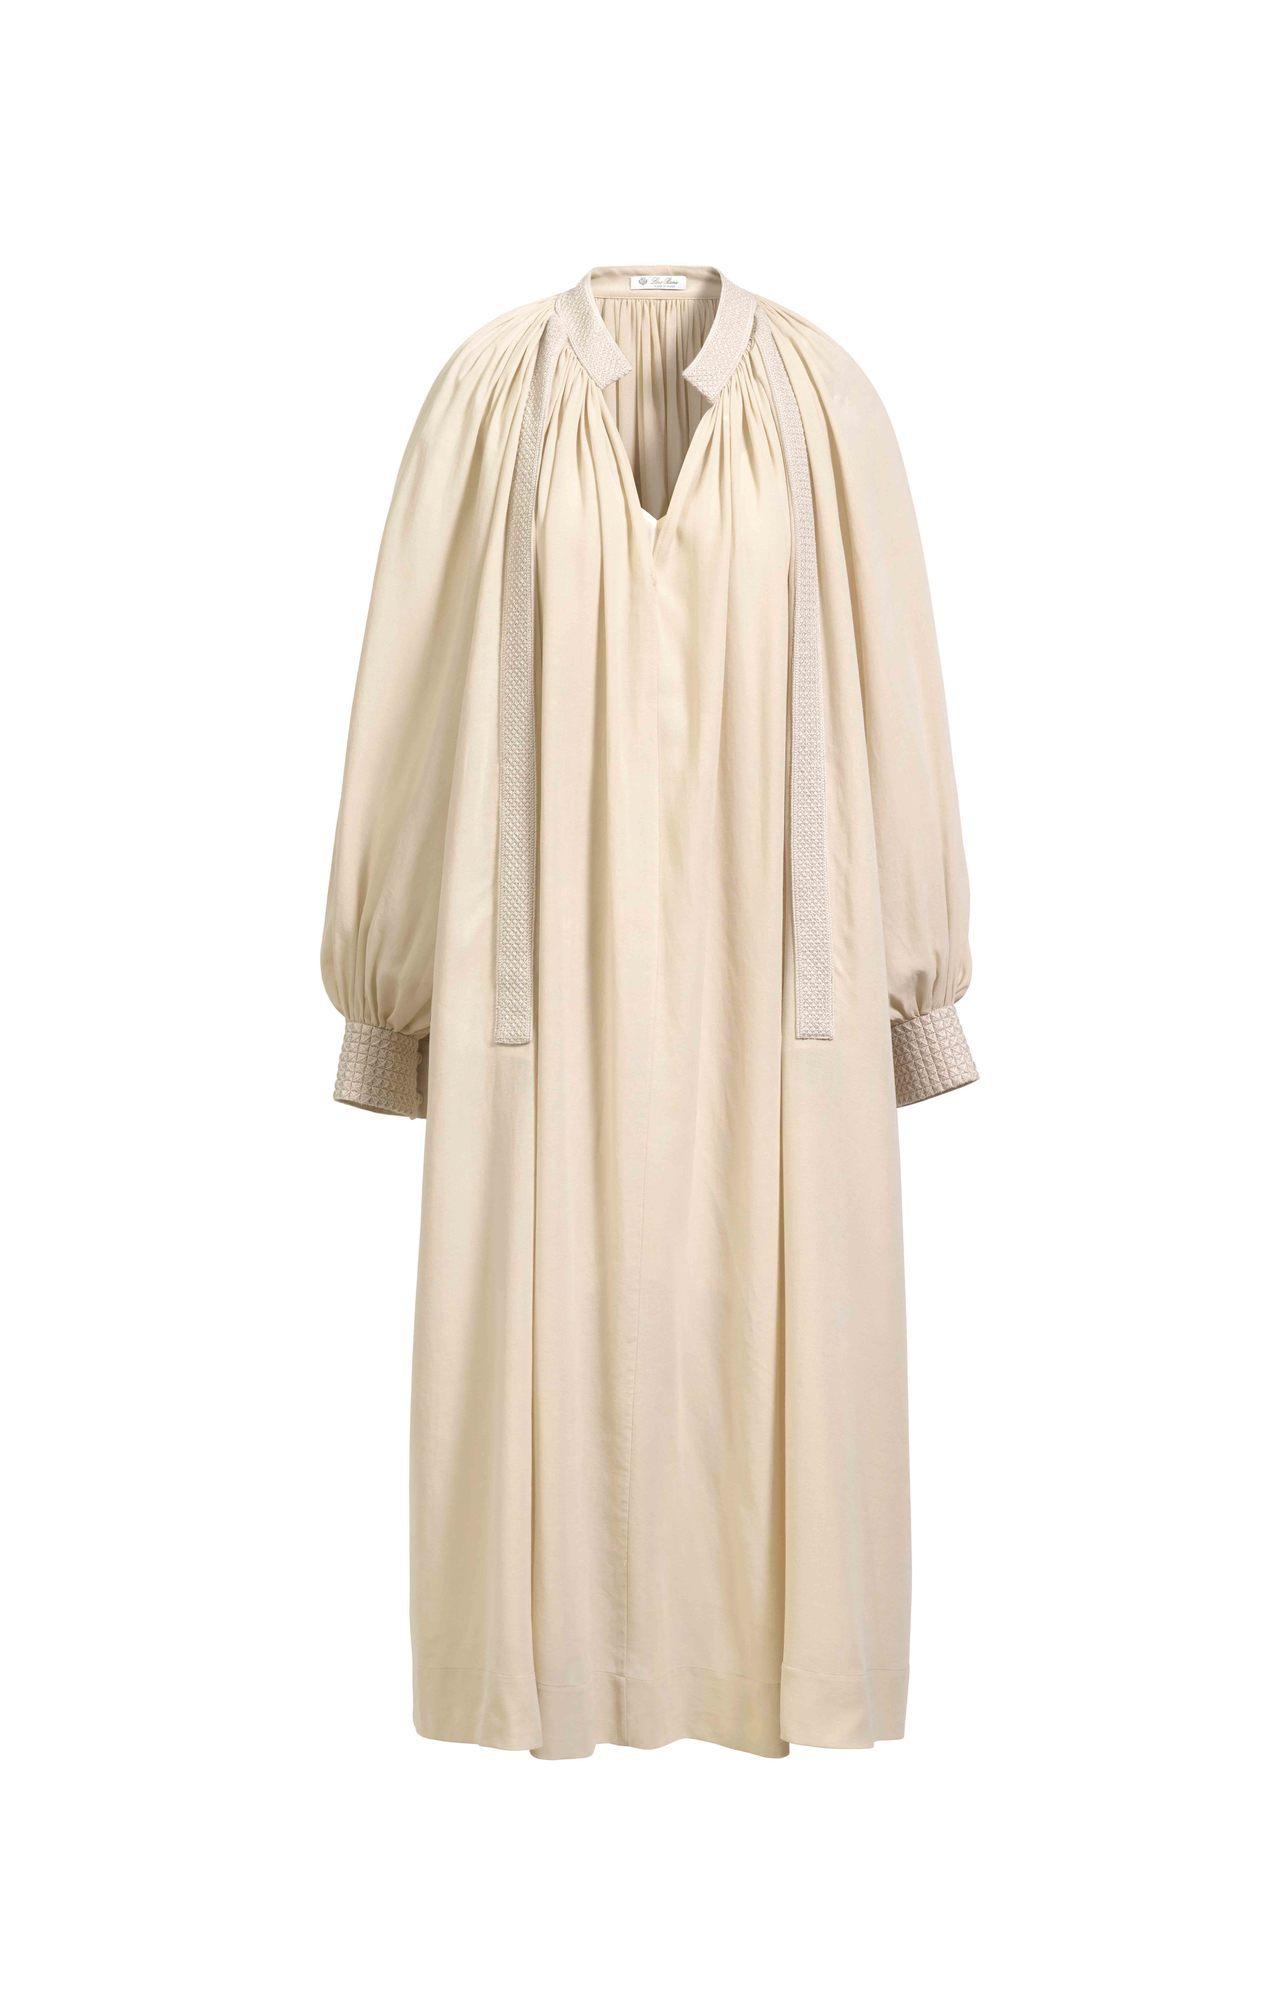 張鈞甯選穿的Loro Piana Lisa棉紡絲綢連身裙,售價10萬5,700元...